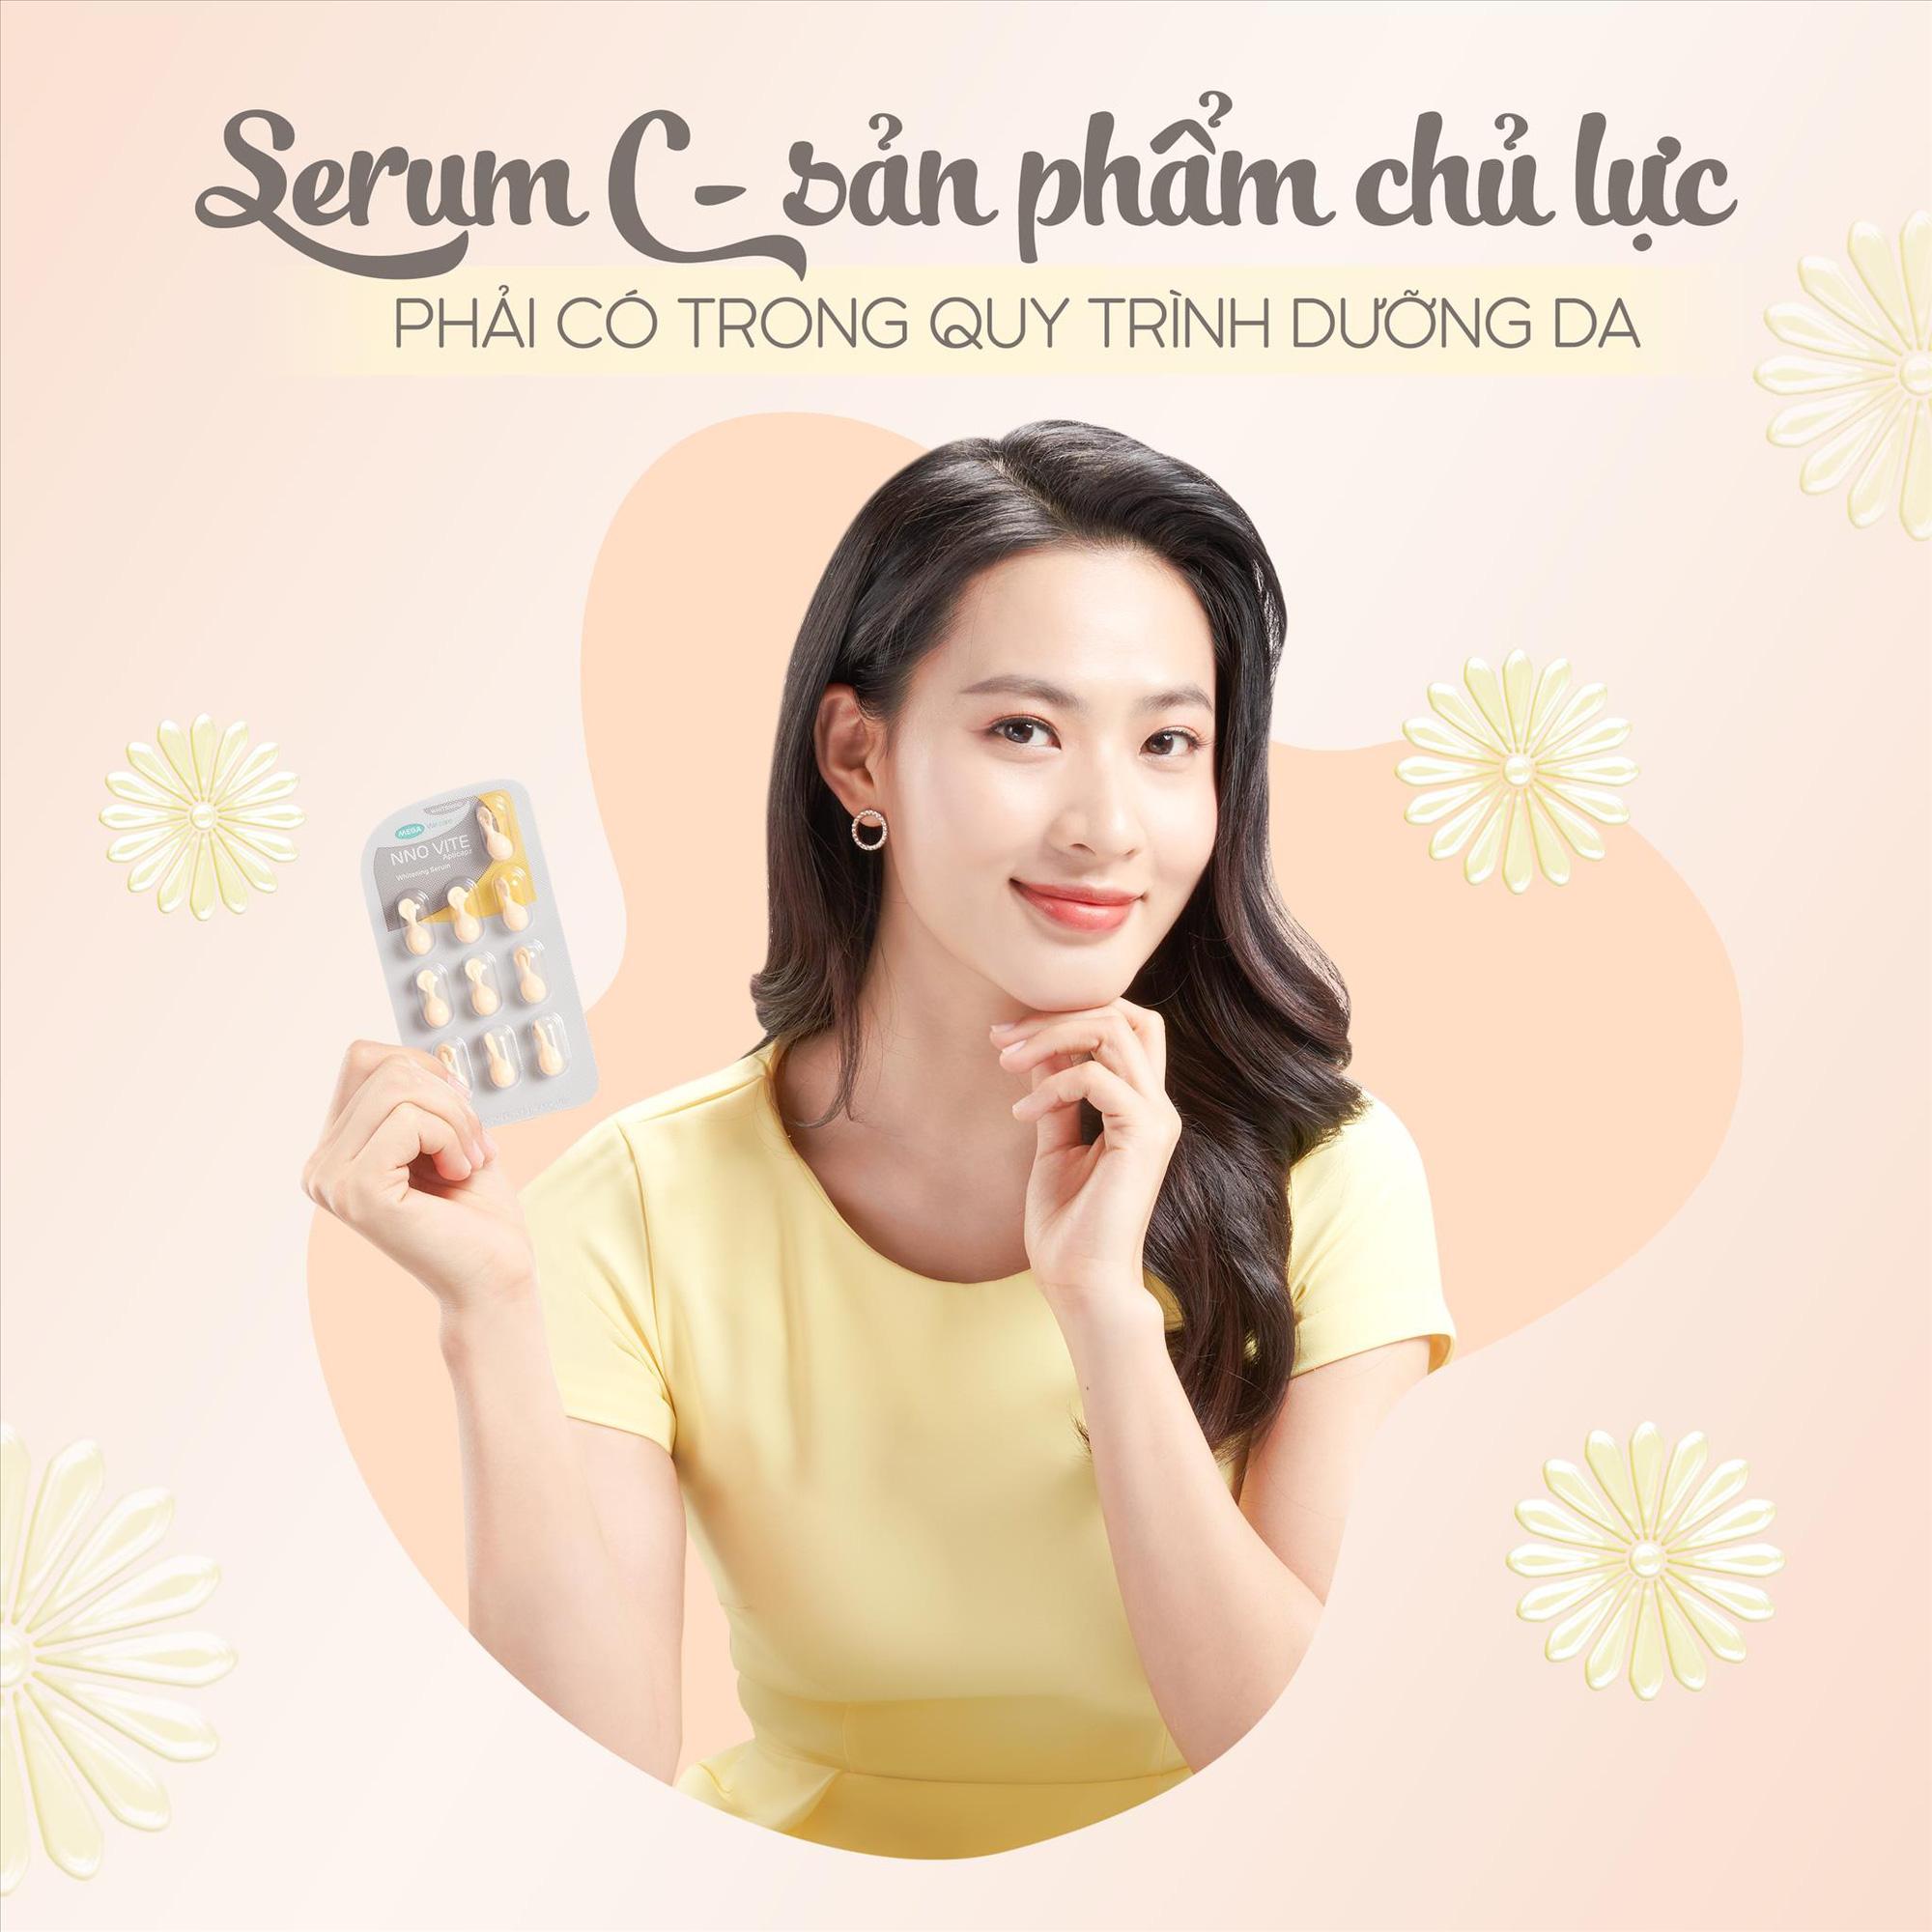 Minh Trang - nàng thơ mới của điện ảnh Việt: Ngoại hình đem lại cho tôi nhiều cơ hội tuyệt vời! - Ảnh 2.